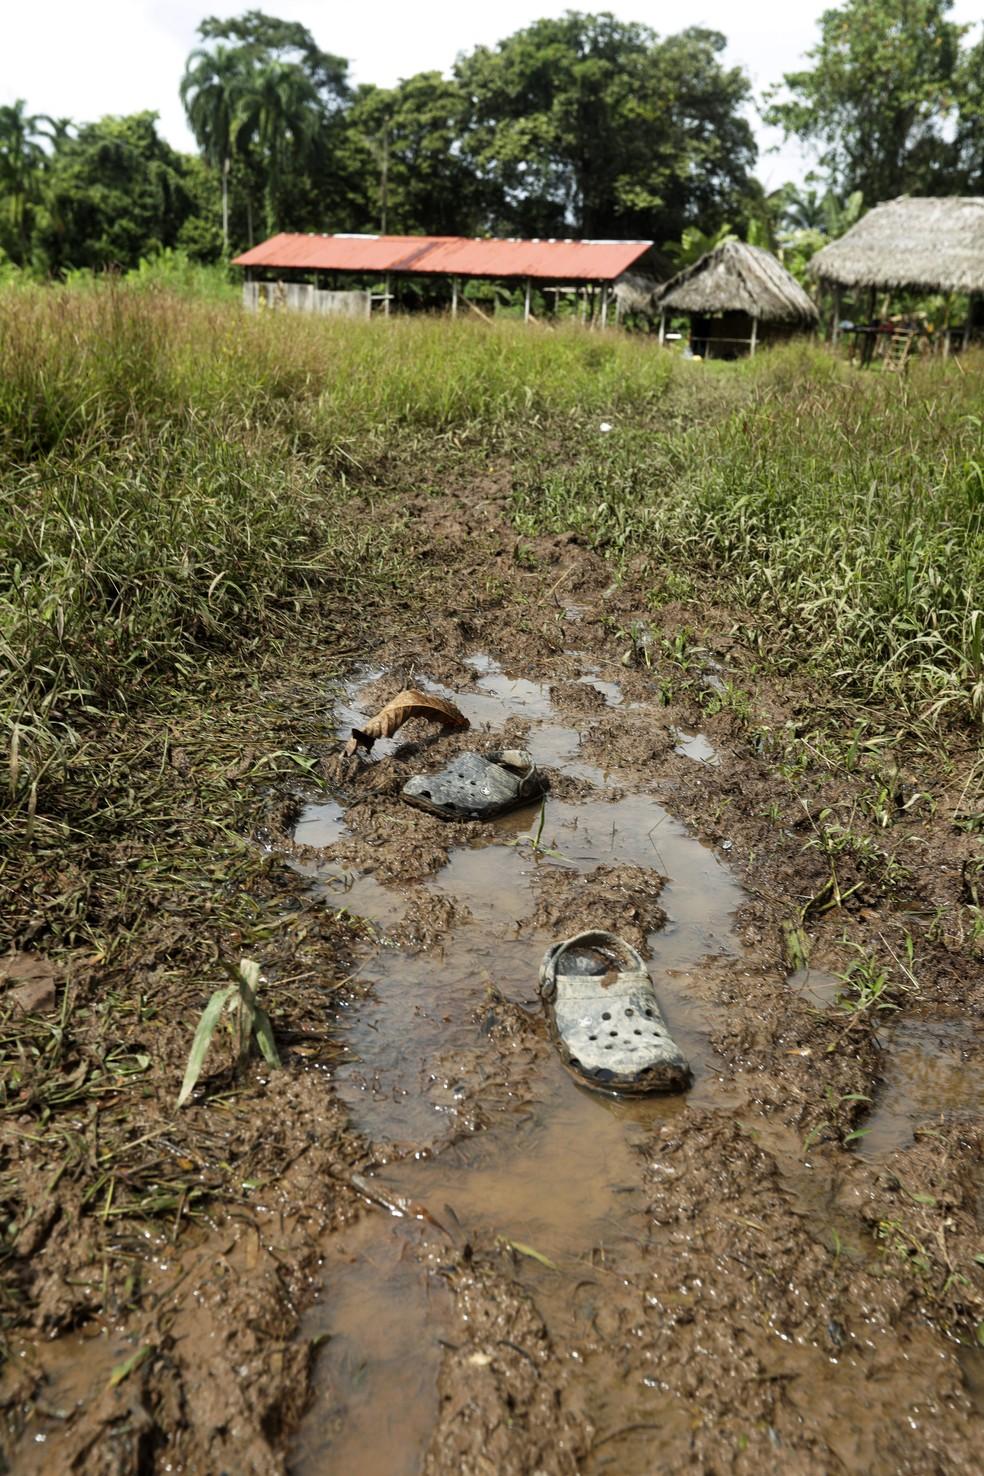 Sandálias foram deixadas em chão lamacento próximo de igreja improvisada onde ritual deixou mortos em El Terrón, no Panamá — Foto: Arnulfo Franco/AP Photo